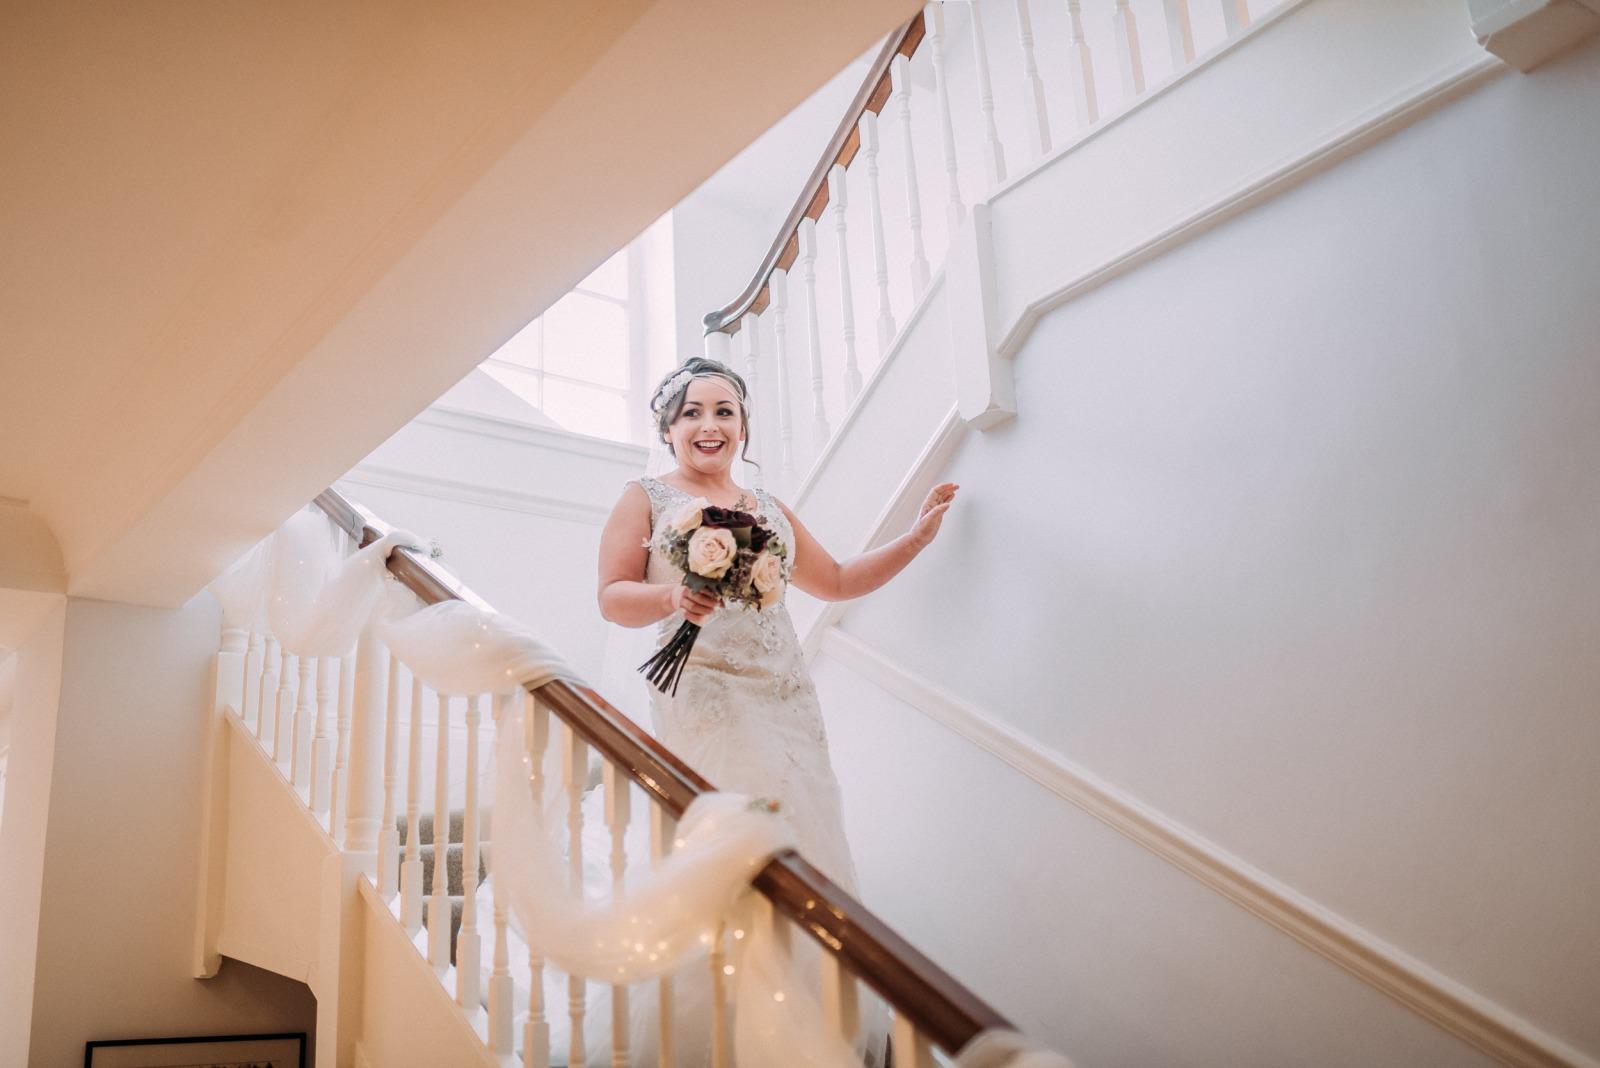 highward-house-wedding-207-of-372